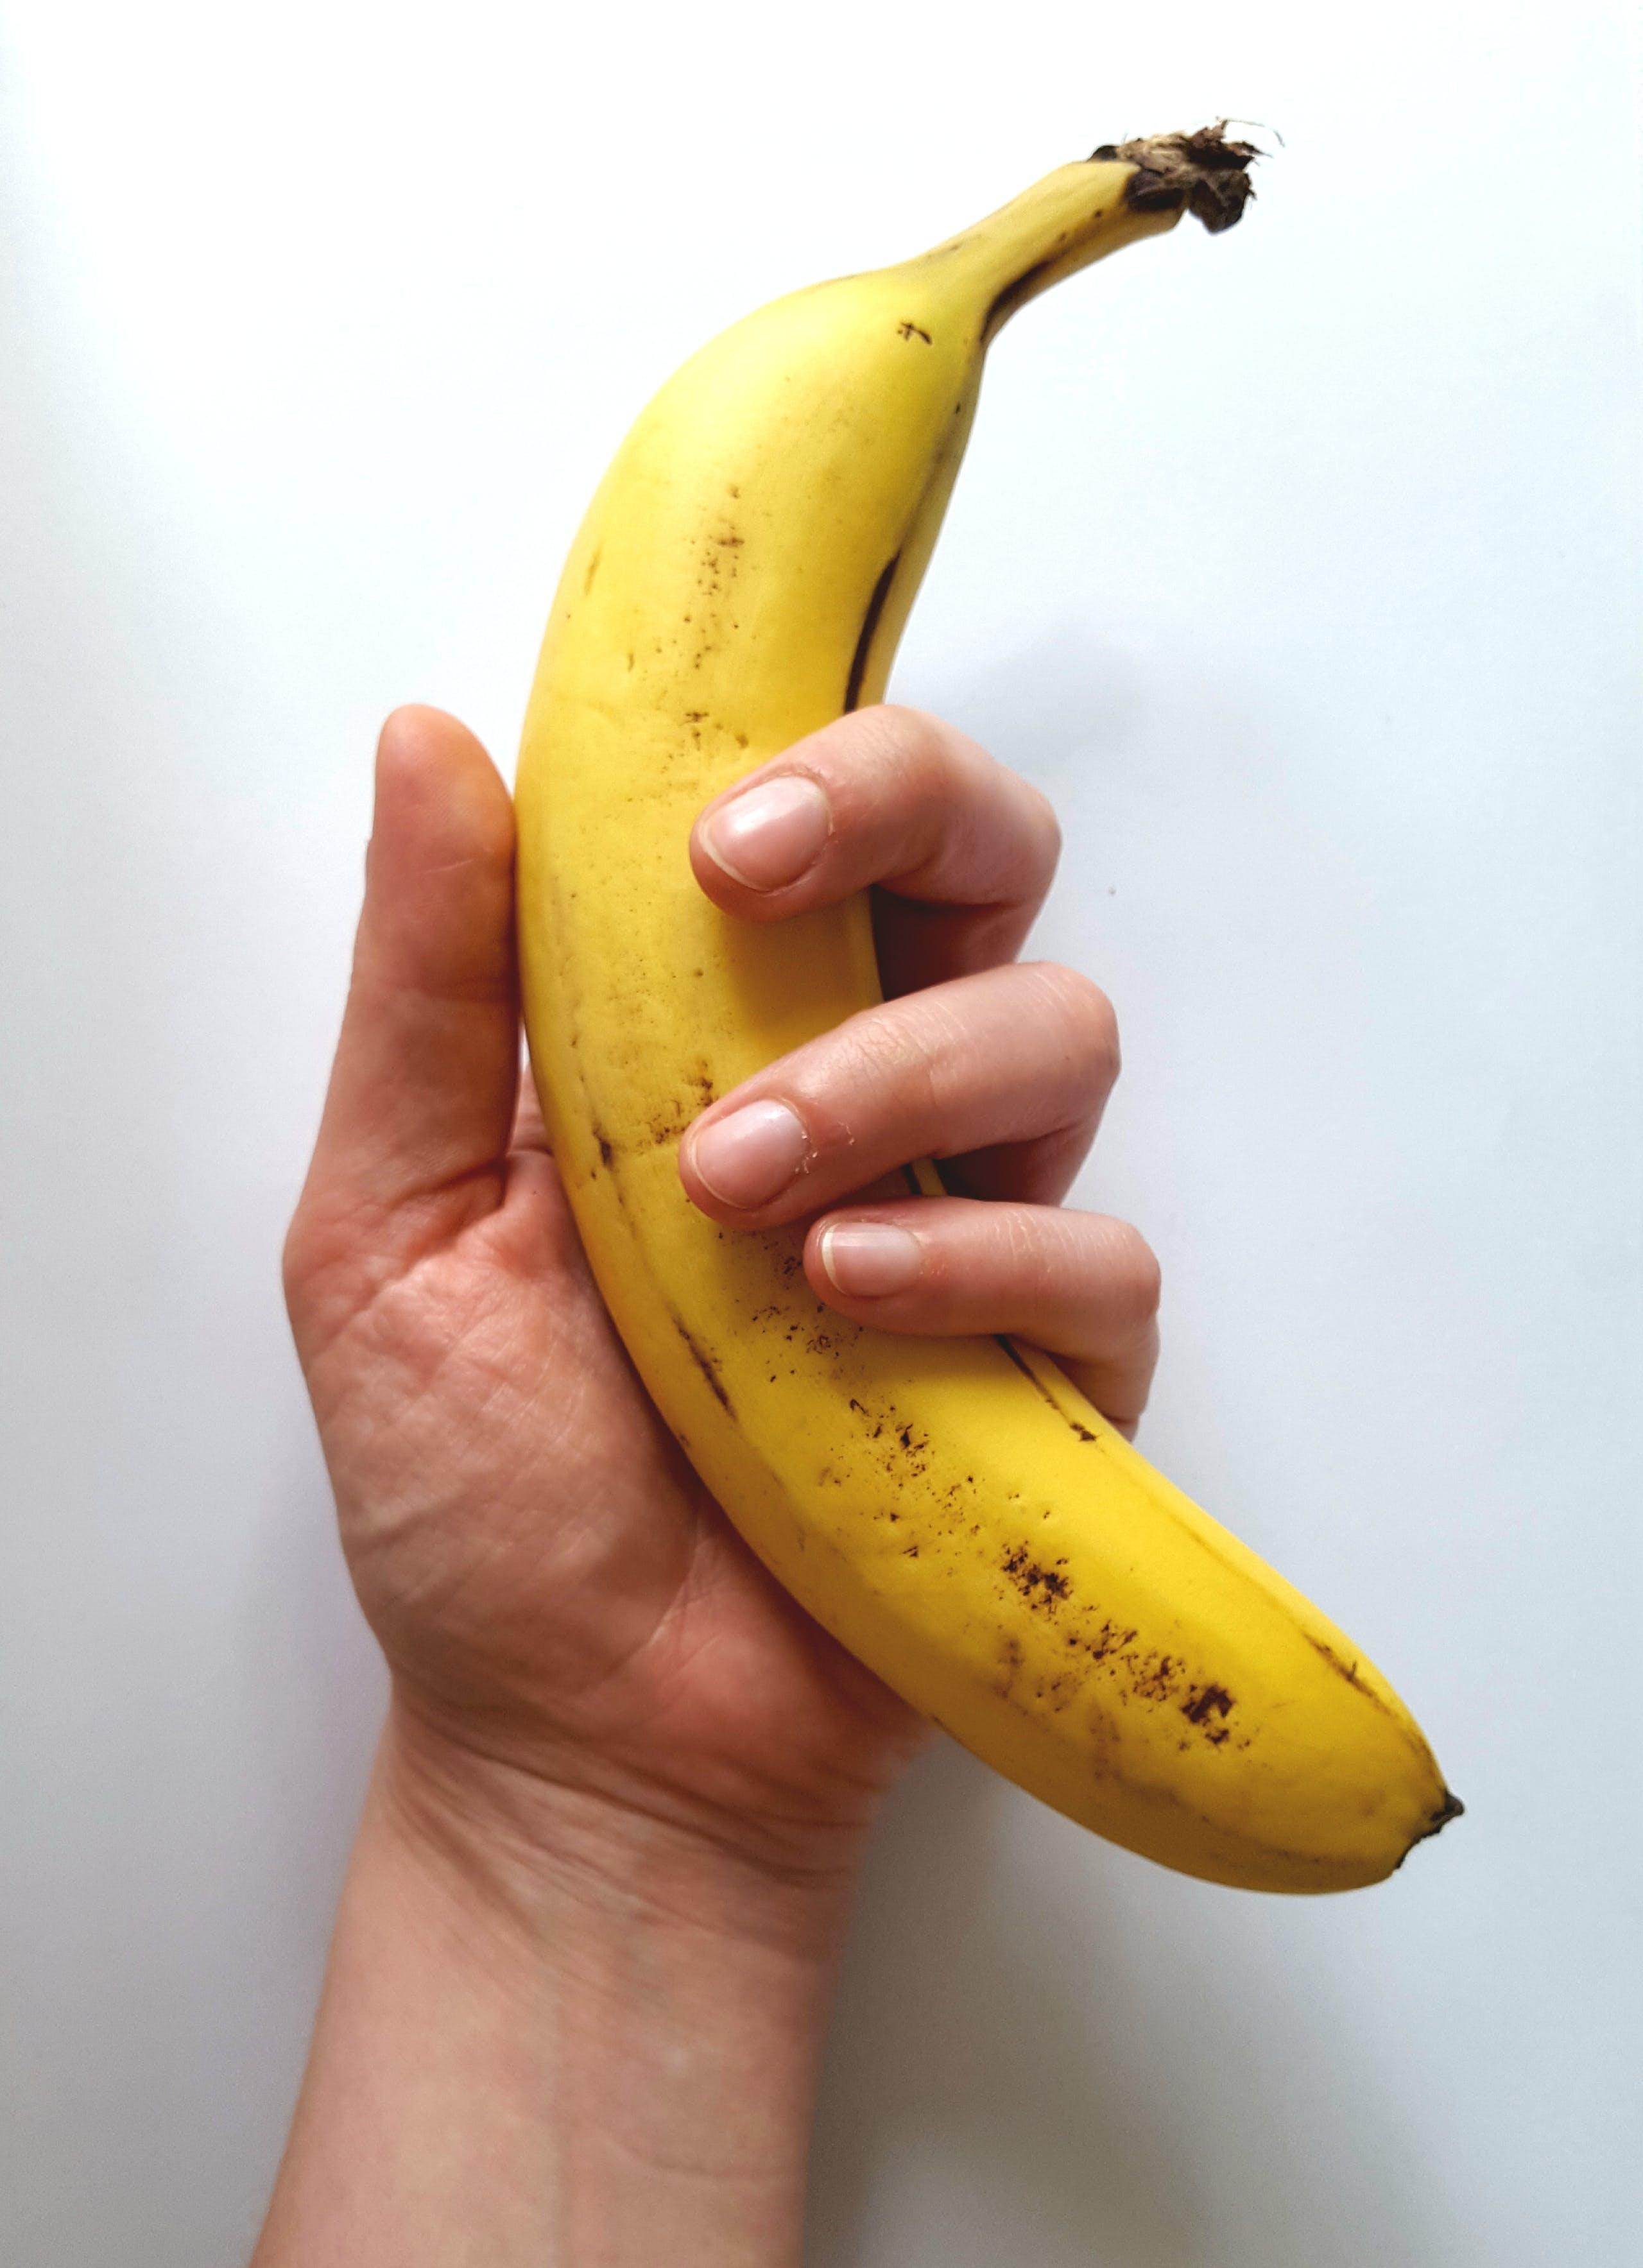 Kostenloses Stock Foto zu banane, festhalten, frisch, frucht